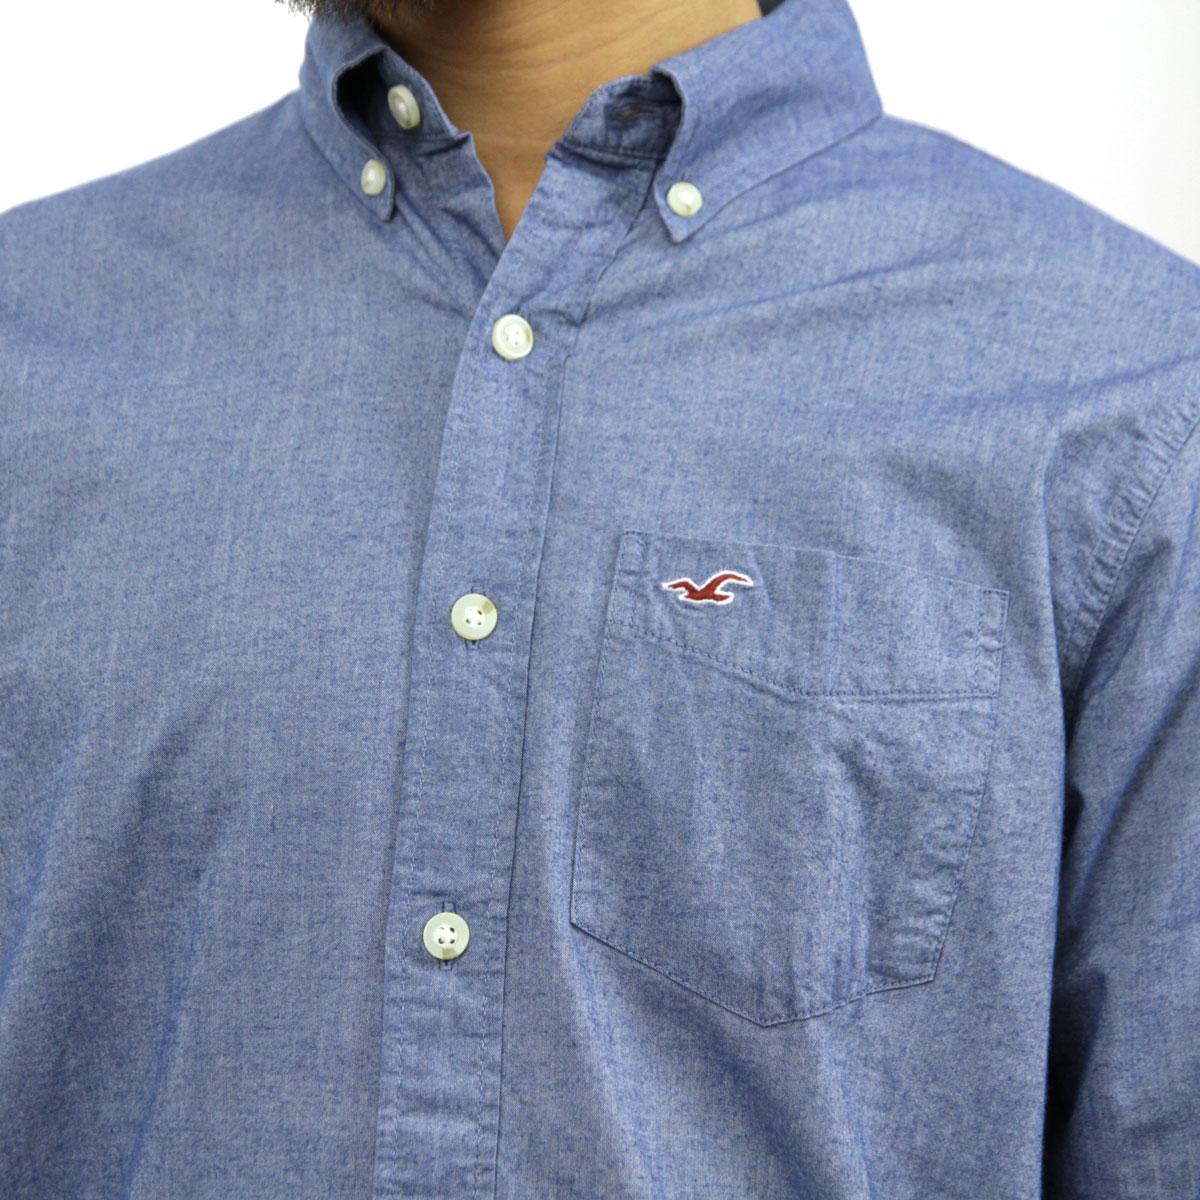 ホリスター HOLLISTER 正規品 メンズ 長袖シャツ  Iconic Poplin Shirt Epic Flex 325-259-1586-222